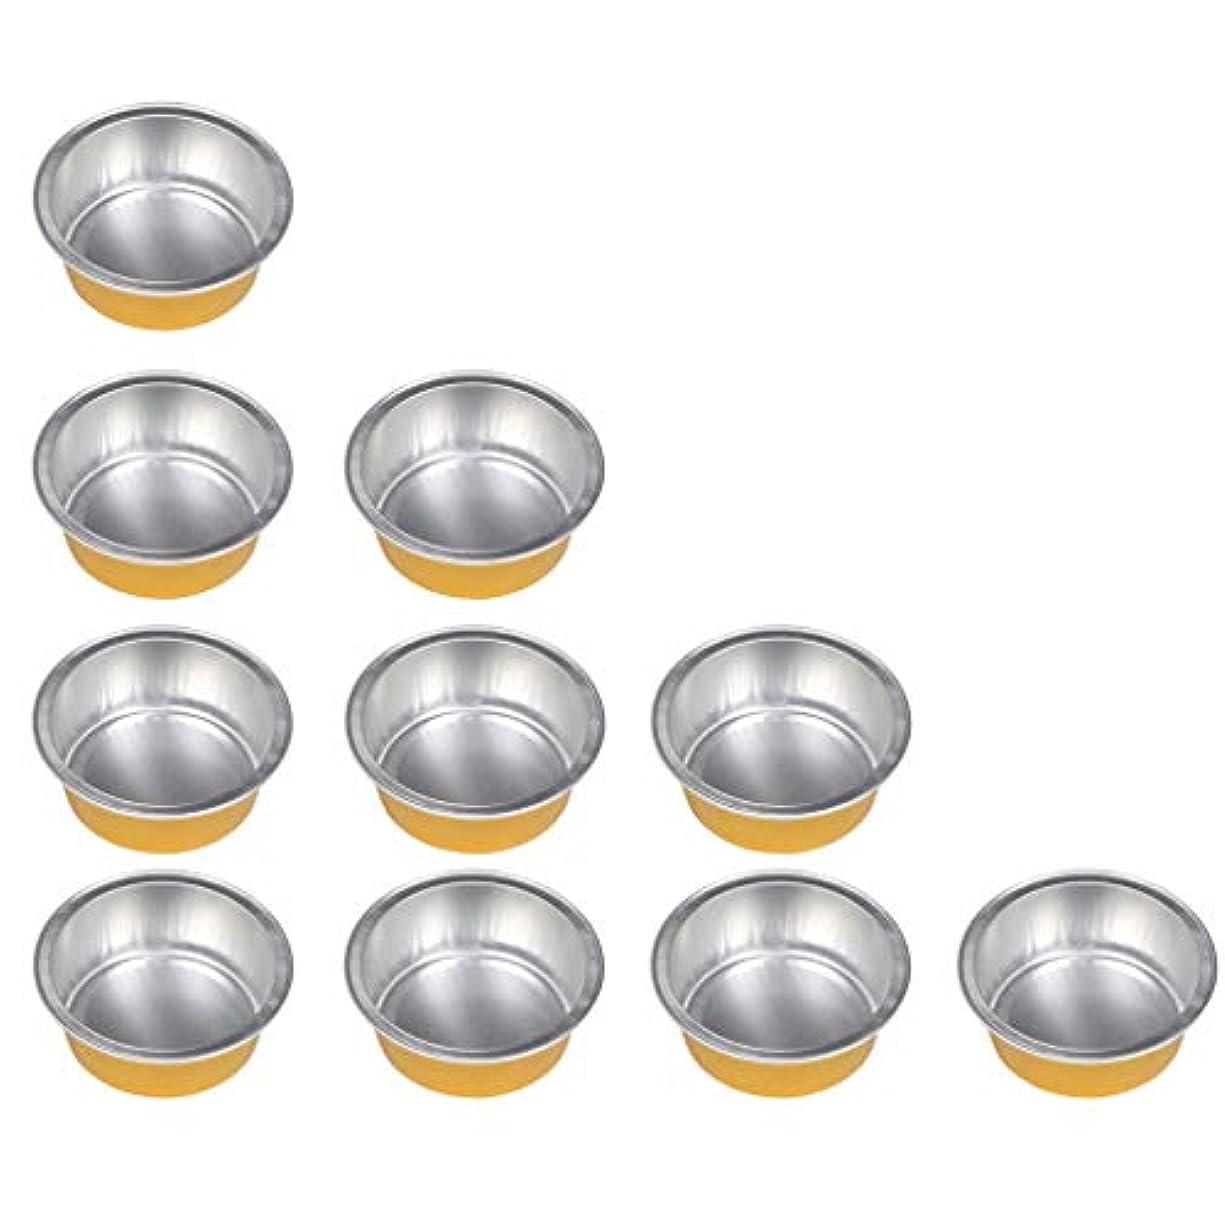 維持するこどもの日フィールド10個セット ワックスボウル ミニボウル アルミホイルボウル ワックス豆体 溶融 衛生的 2種選ぶ - ゴールデン1